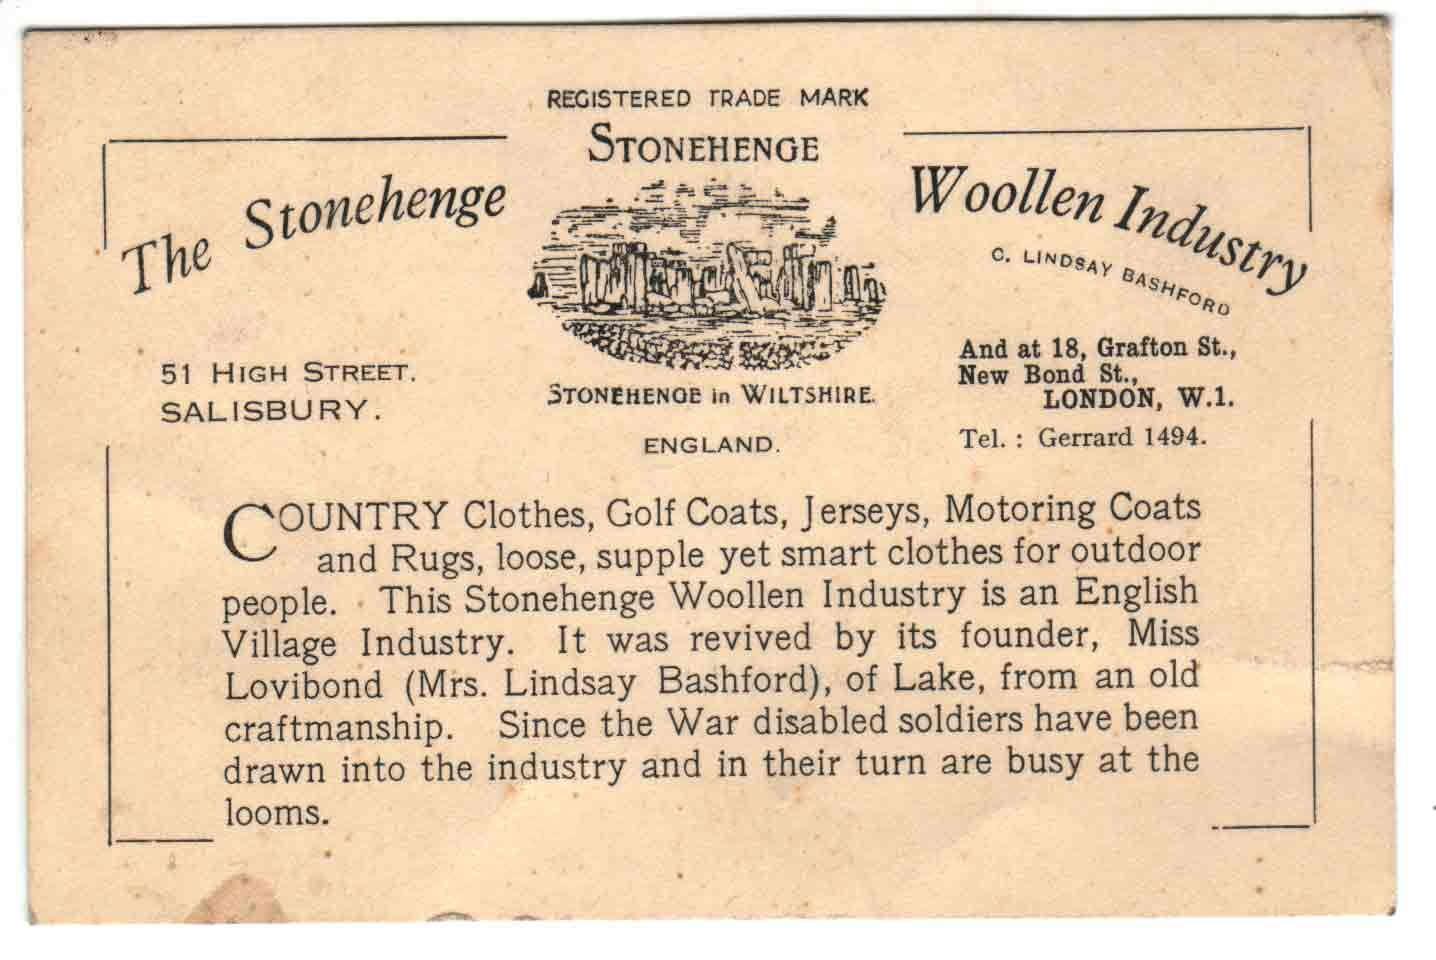 woollen industry